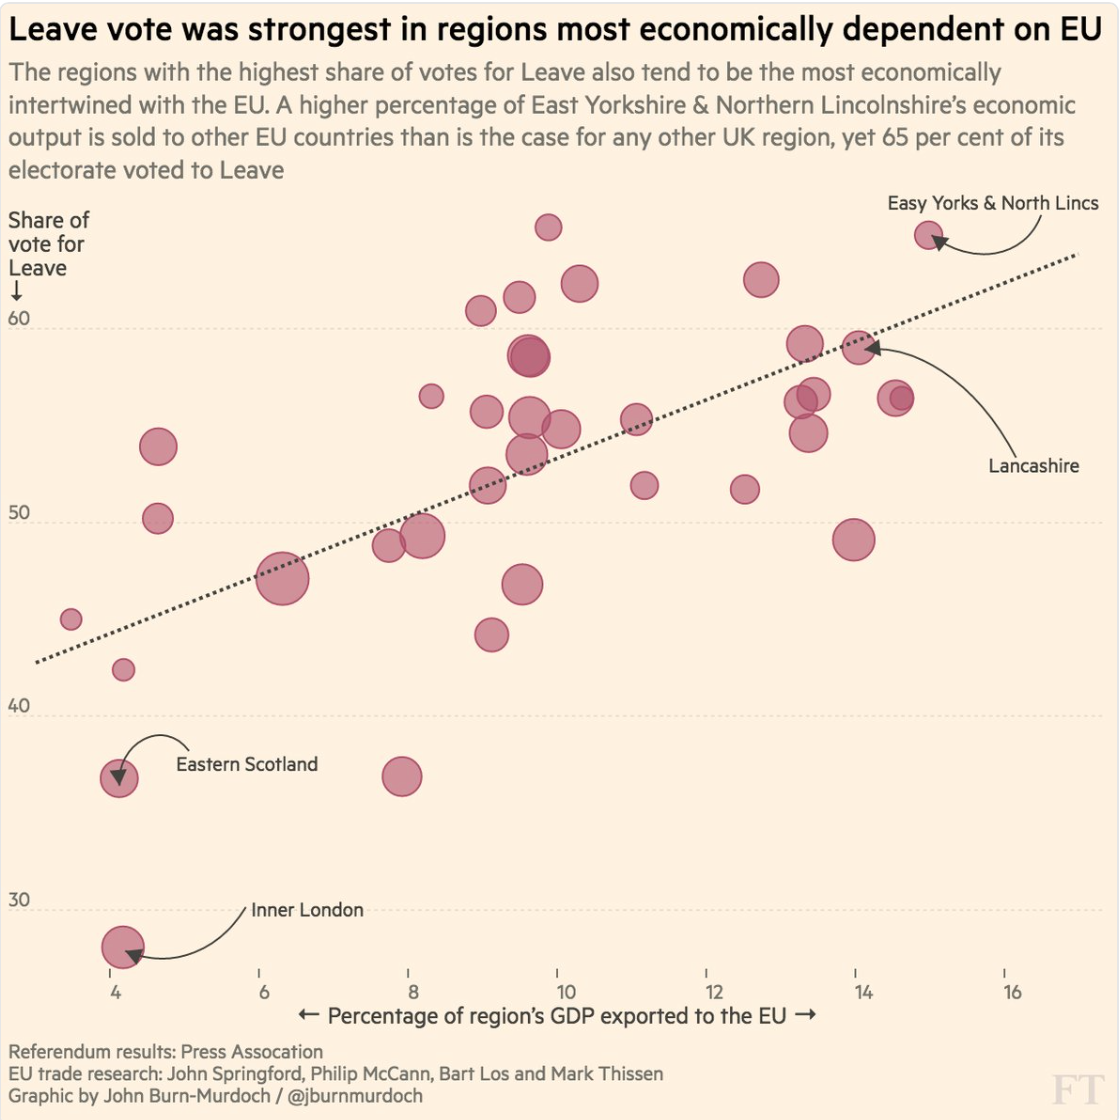 Chart by John Burn-Murdoch.